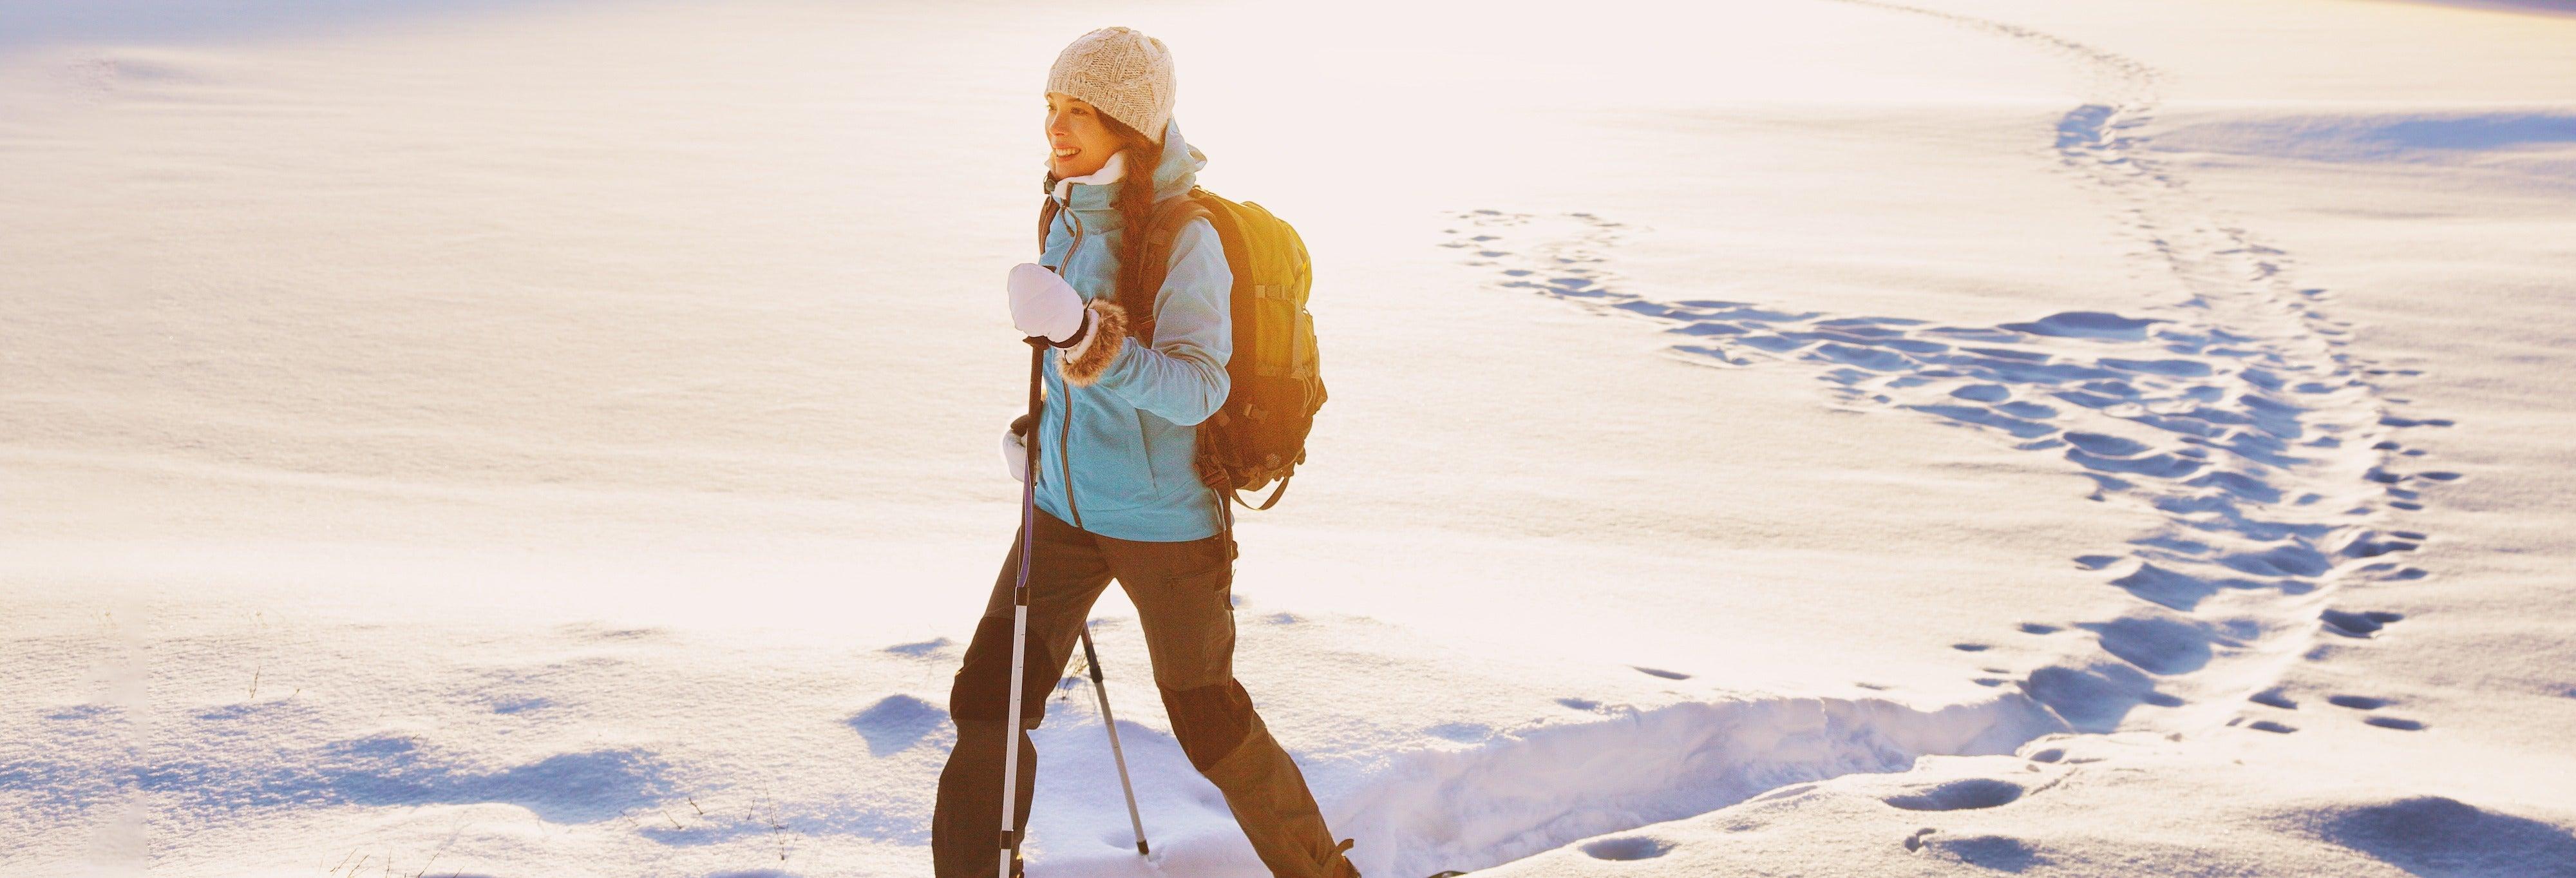 Passeggiata con le racchette da neve a Levi